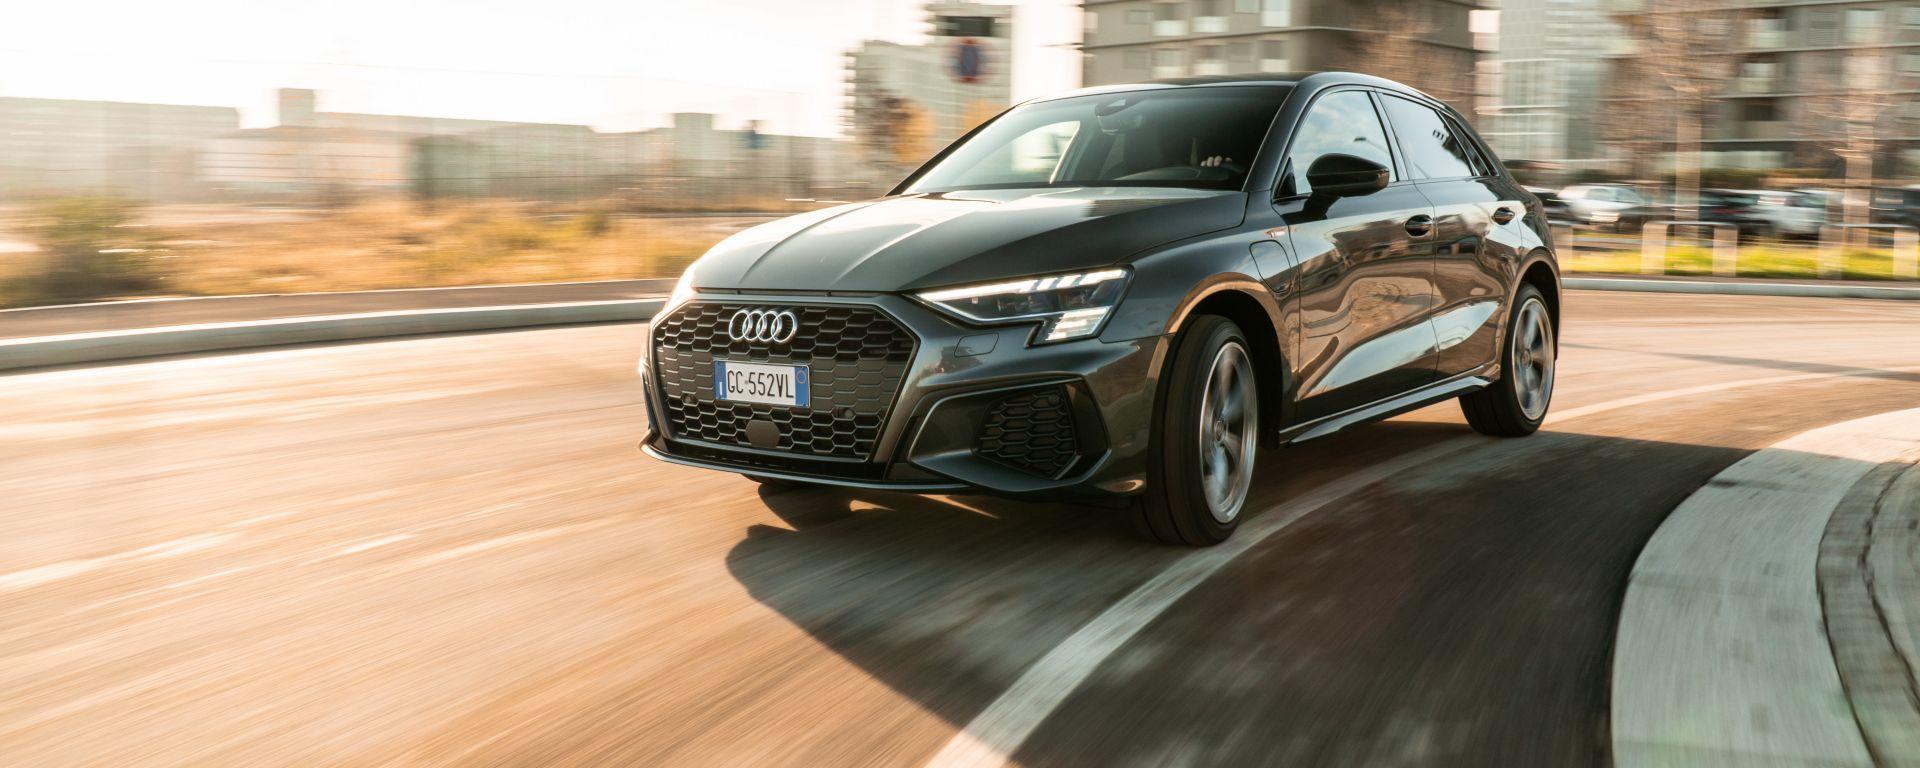 Audi A3 40 TFSIe S Line Edition: buon assetto per piacere di guida e comfort a bordo della tedesca